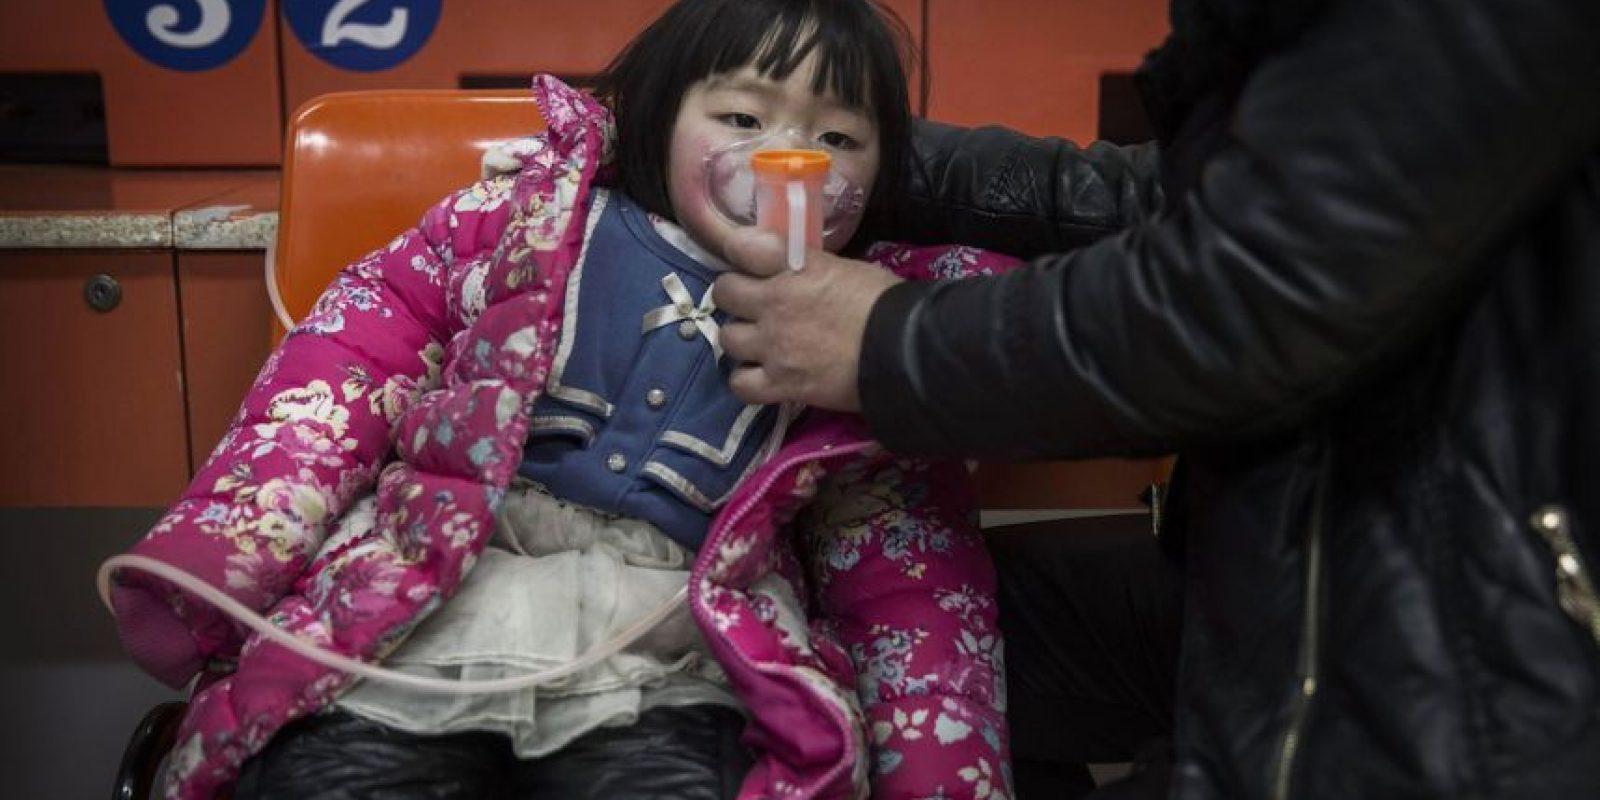 """Esto llevó a los funcionarios a buscar medidas más estrictas para controlar los nacimientos, por lo que en 1979 se estableció la """"política del hijo único"""" que exigía a parejas de la mayoría étnica Han tener solamente un solo hijo. Foto:Getty Images"""